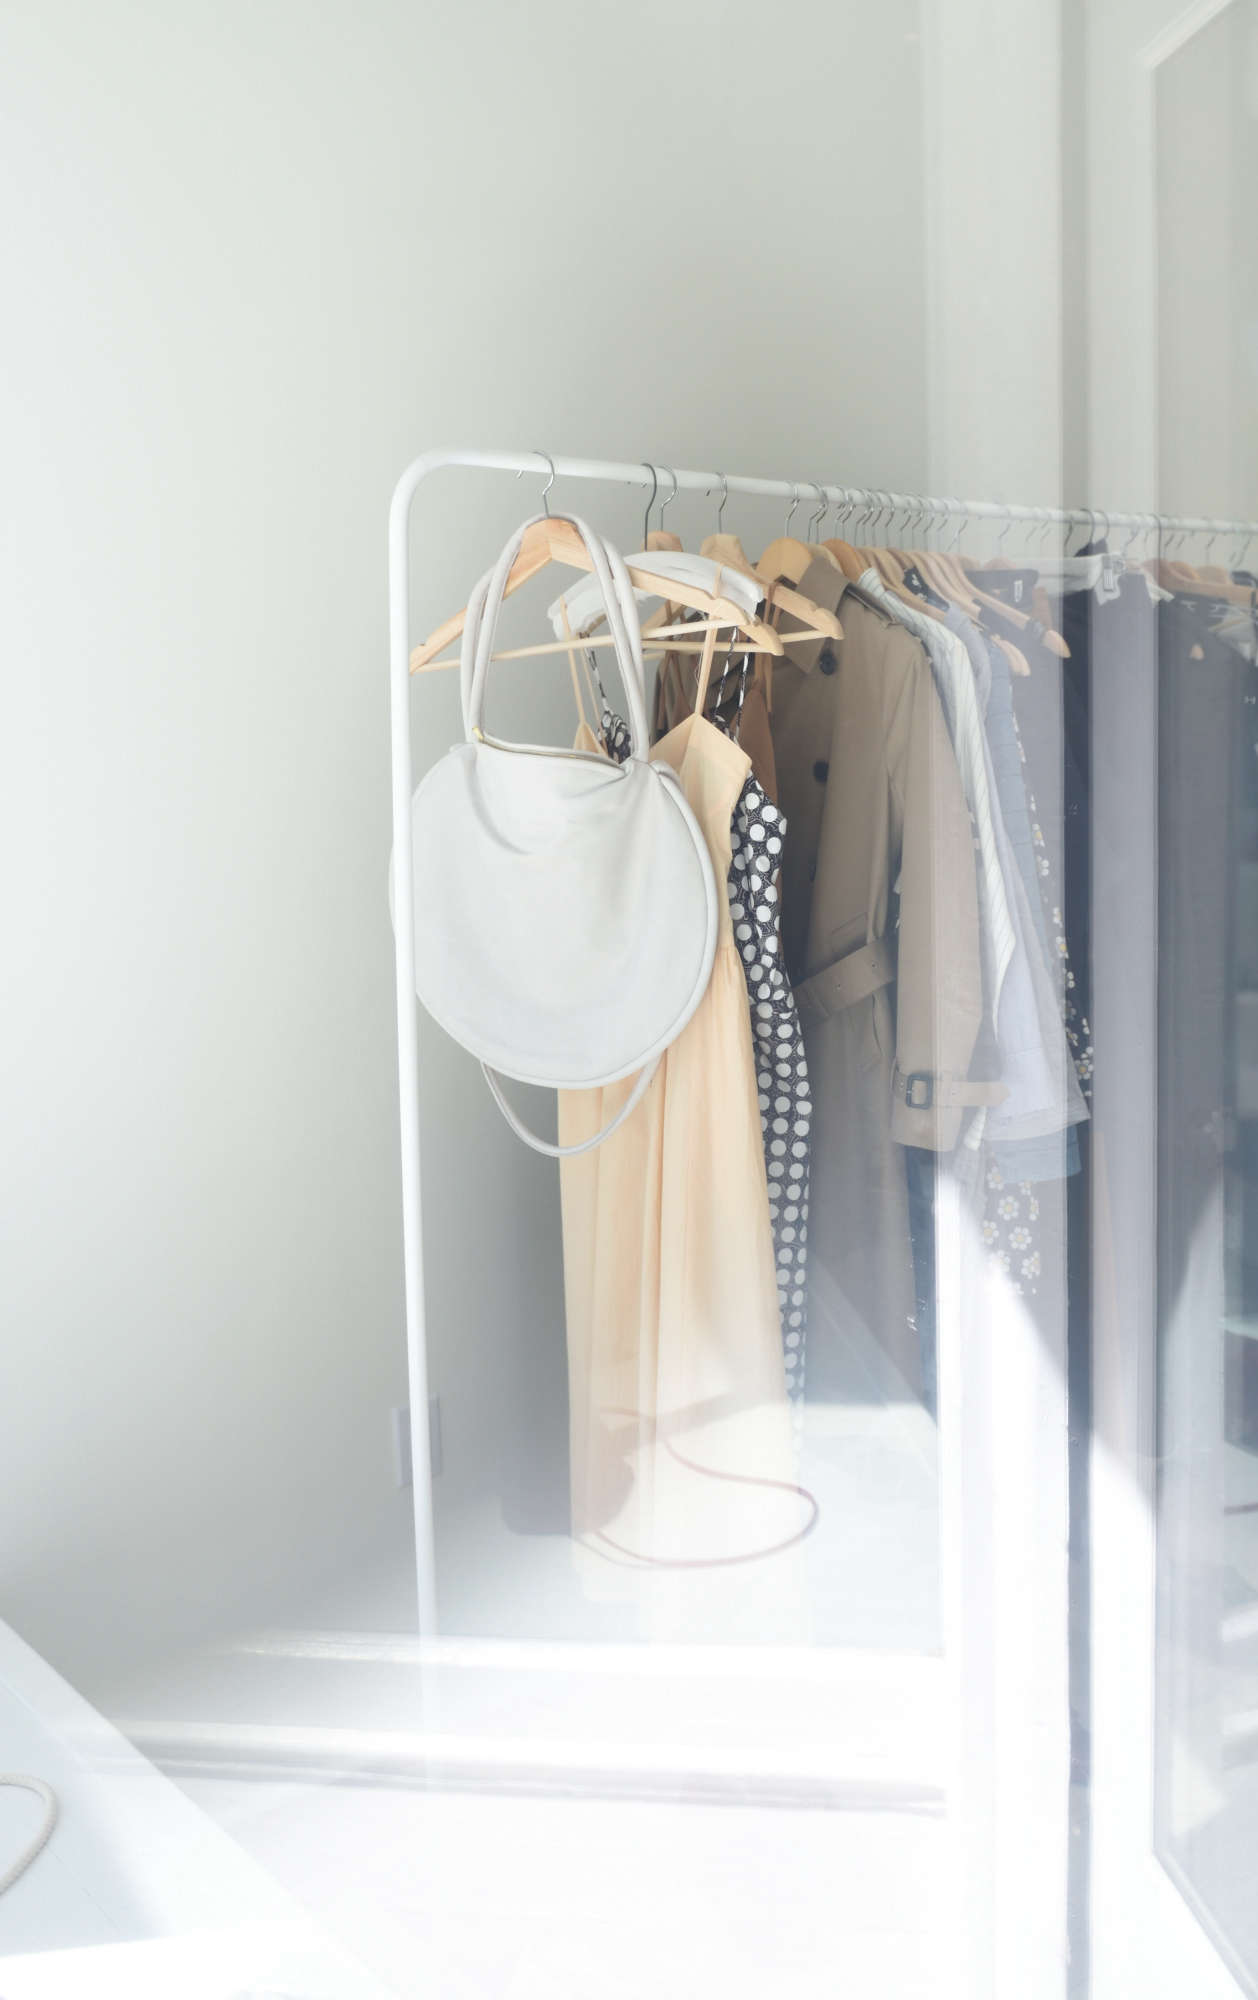 anaise shop san francisco remodelista 6 13